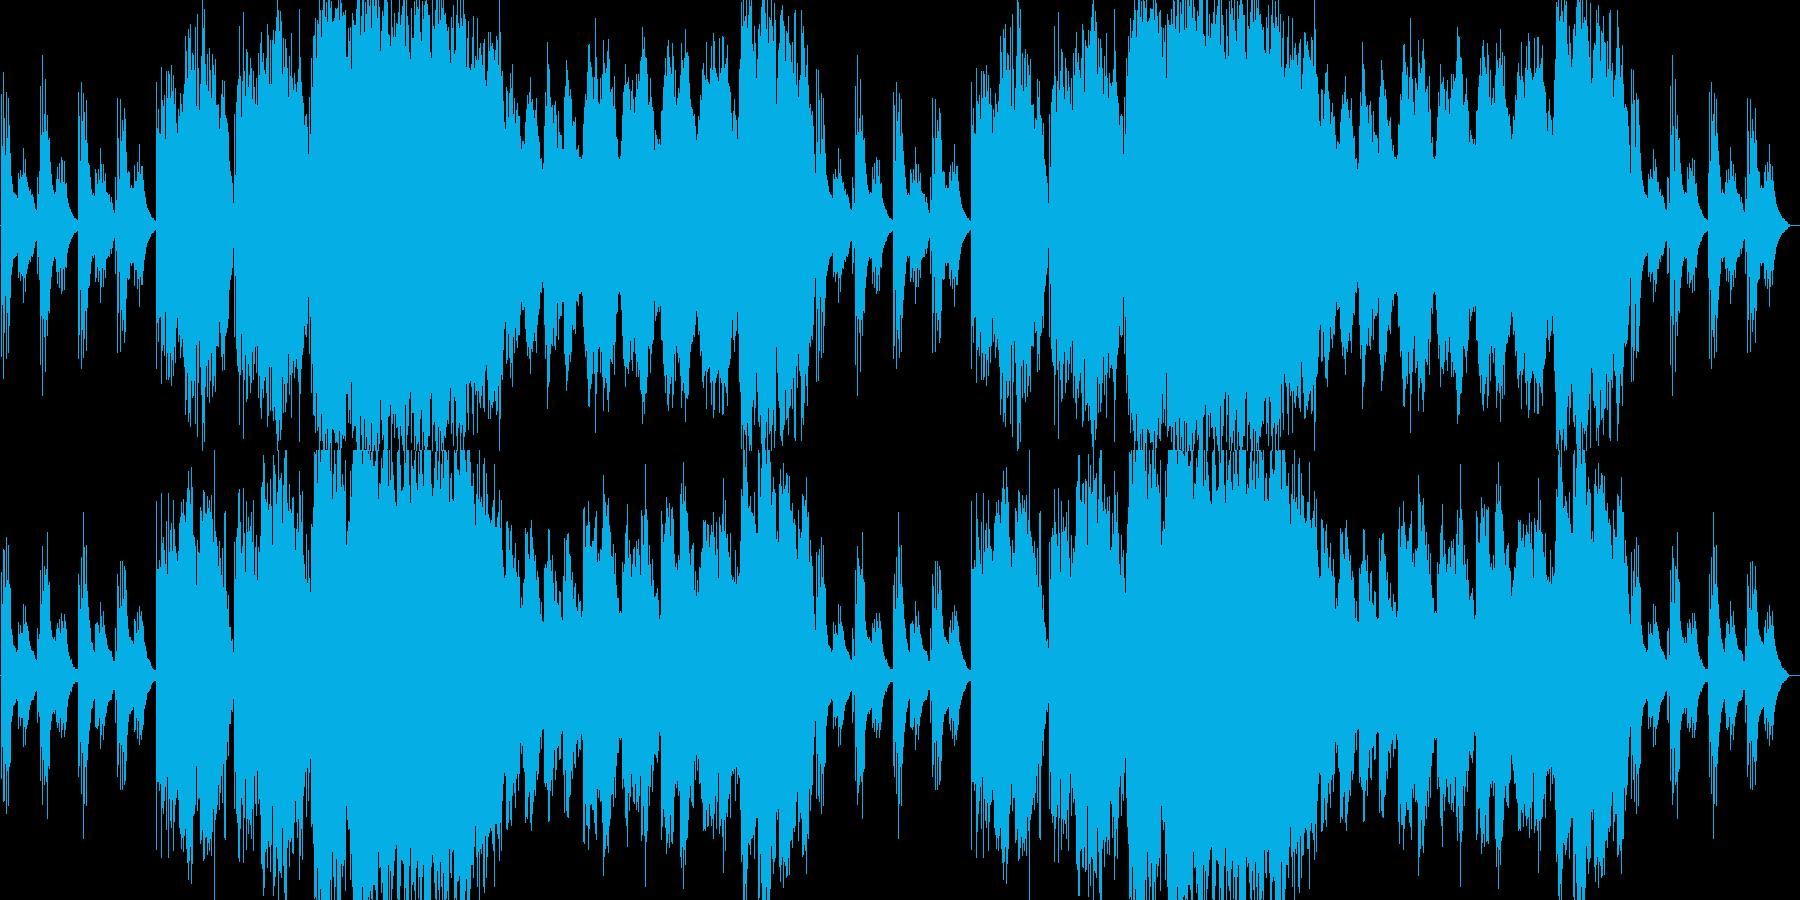 神聖な雰囲気のオーケストラ楽曲の再生済みの波形